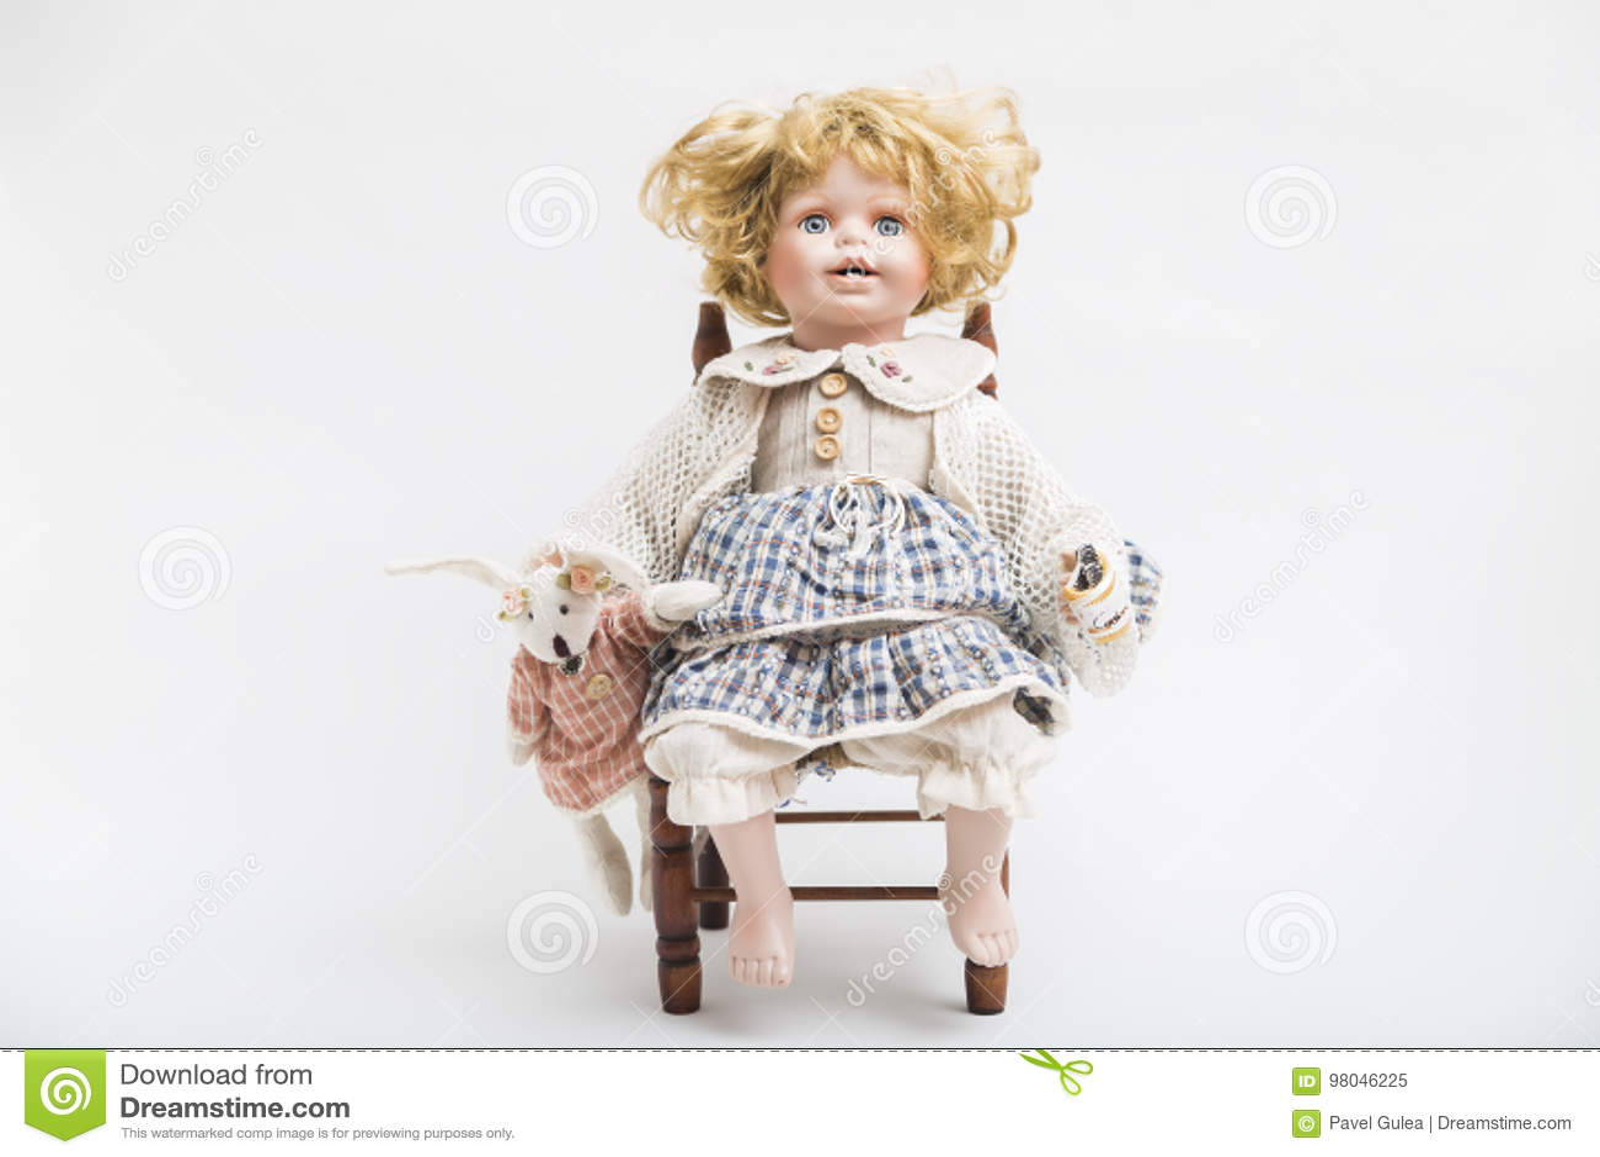 Ceramicznej porcelany handmade lala z dużymi niebieskimi oczami i kędzierzawym blondynem